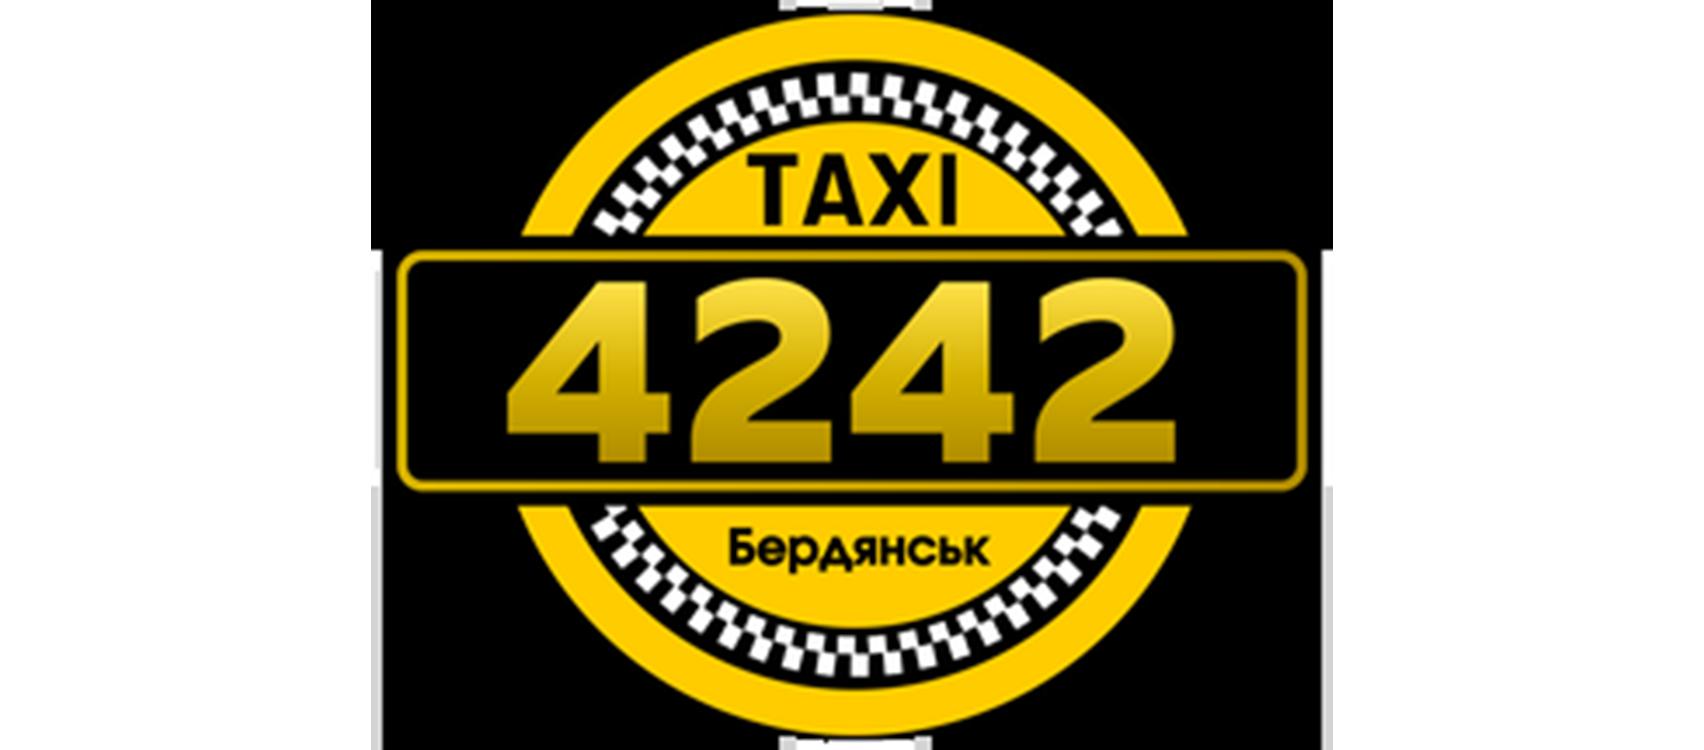 Таксі 4242  (Бердянськ)